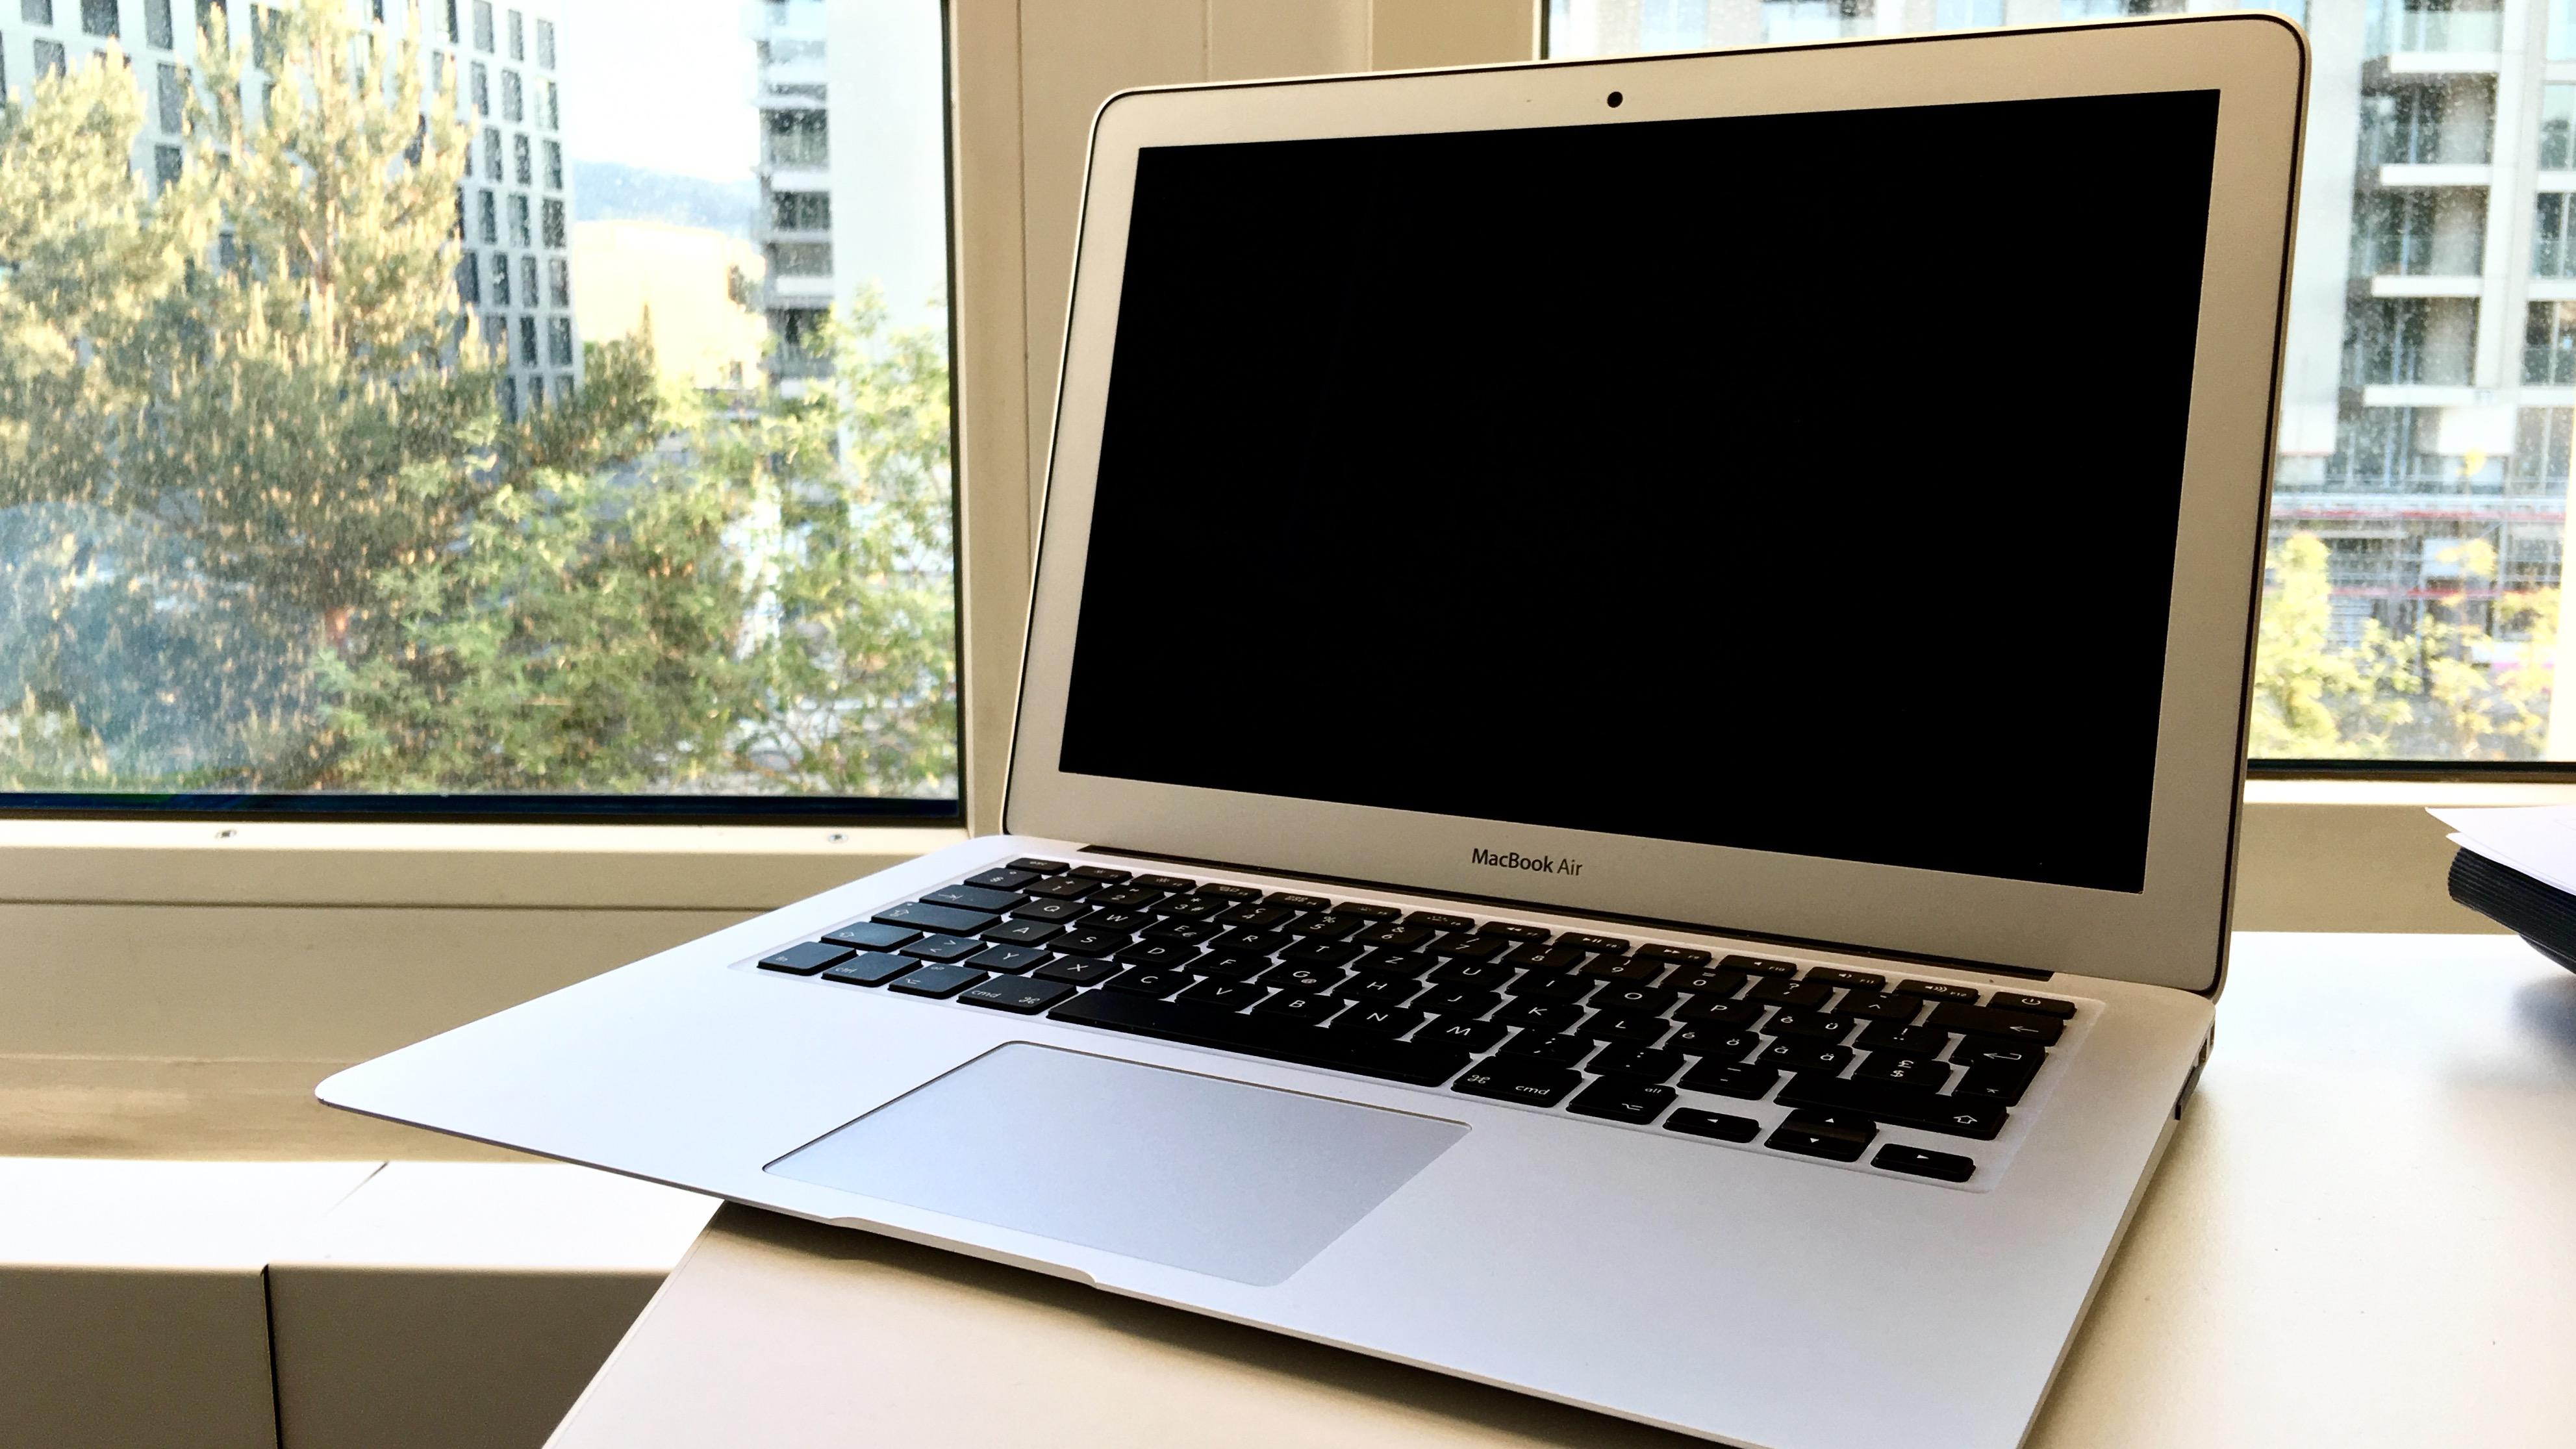 MacBook Air startet nicht mehr. Was tun?